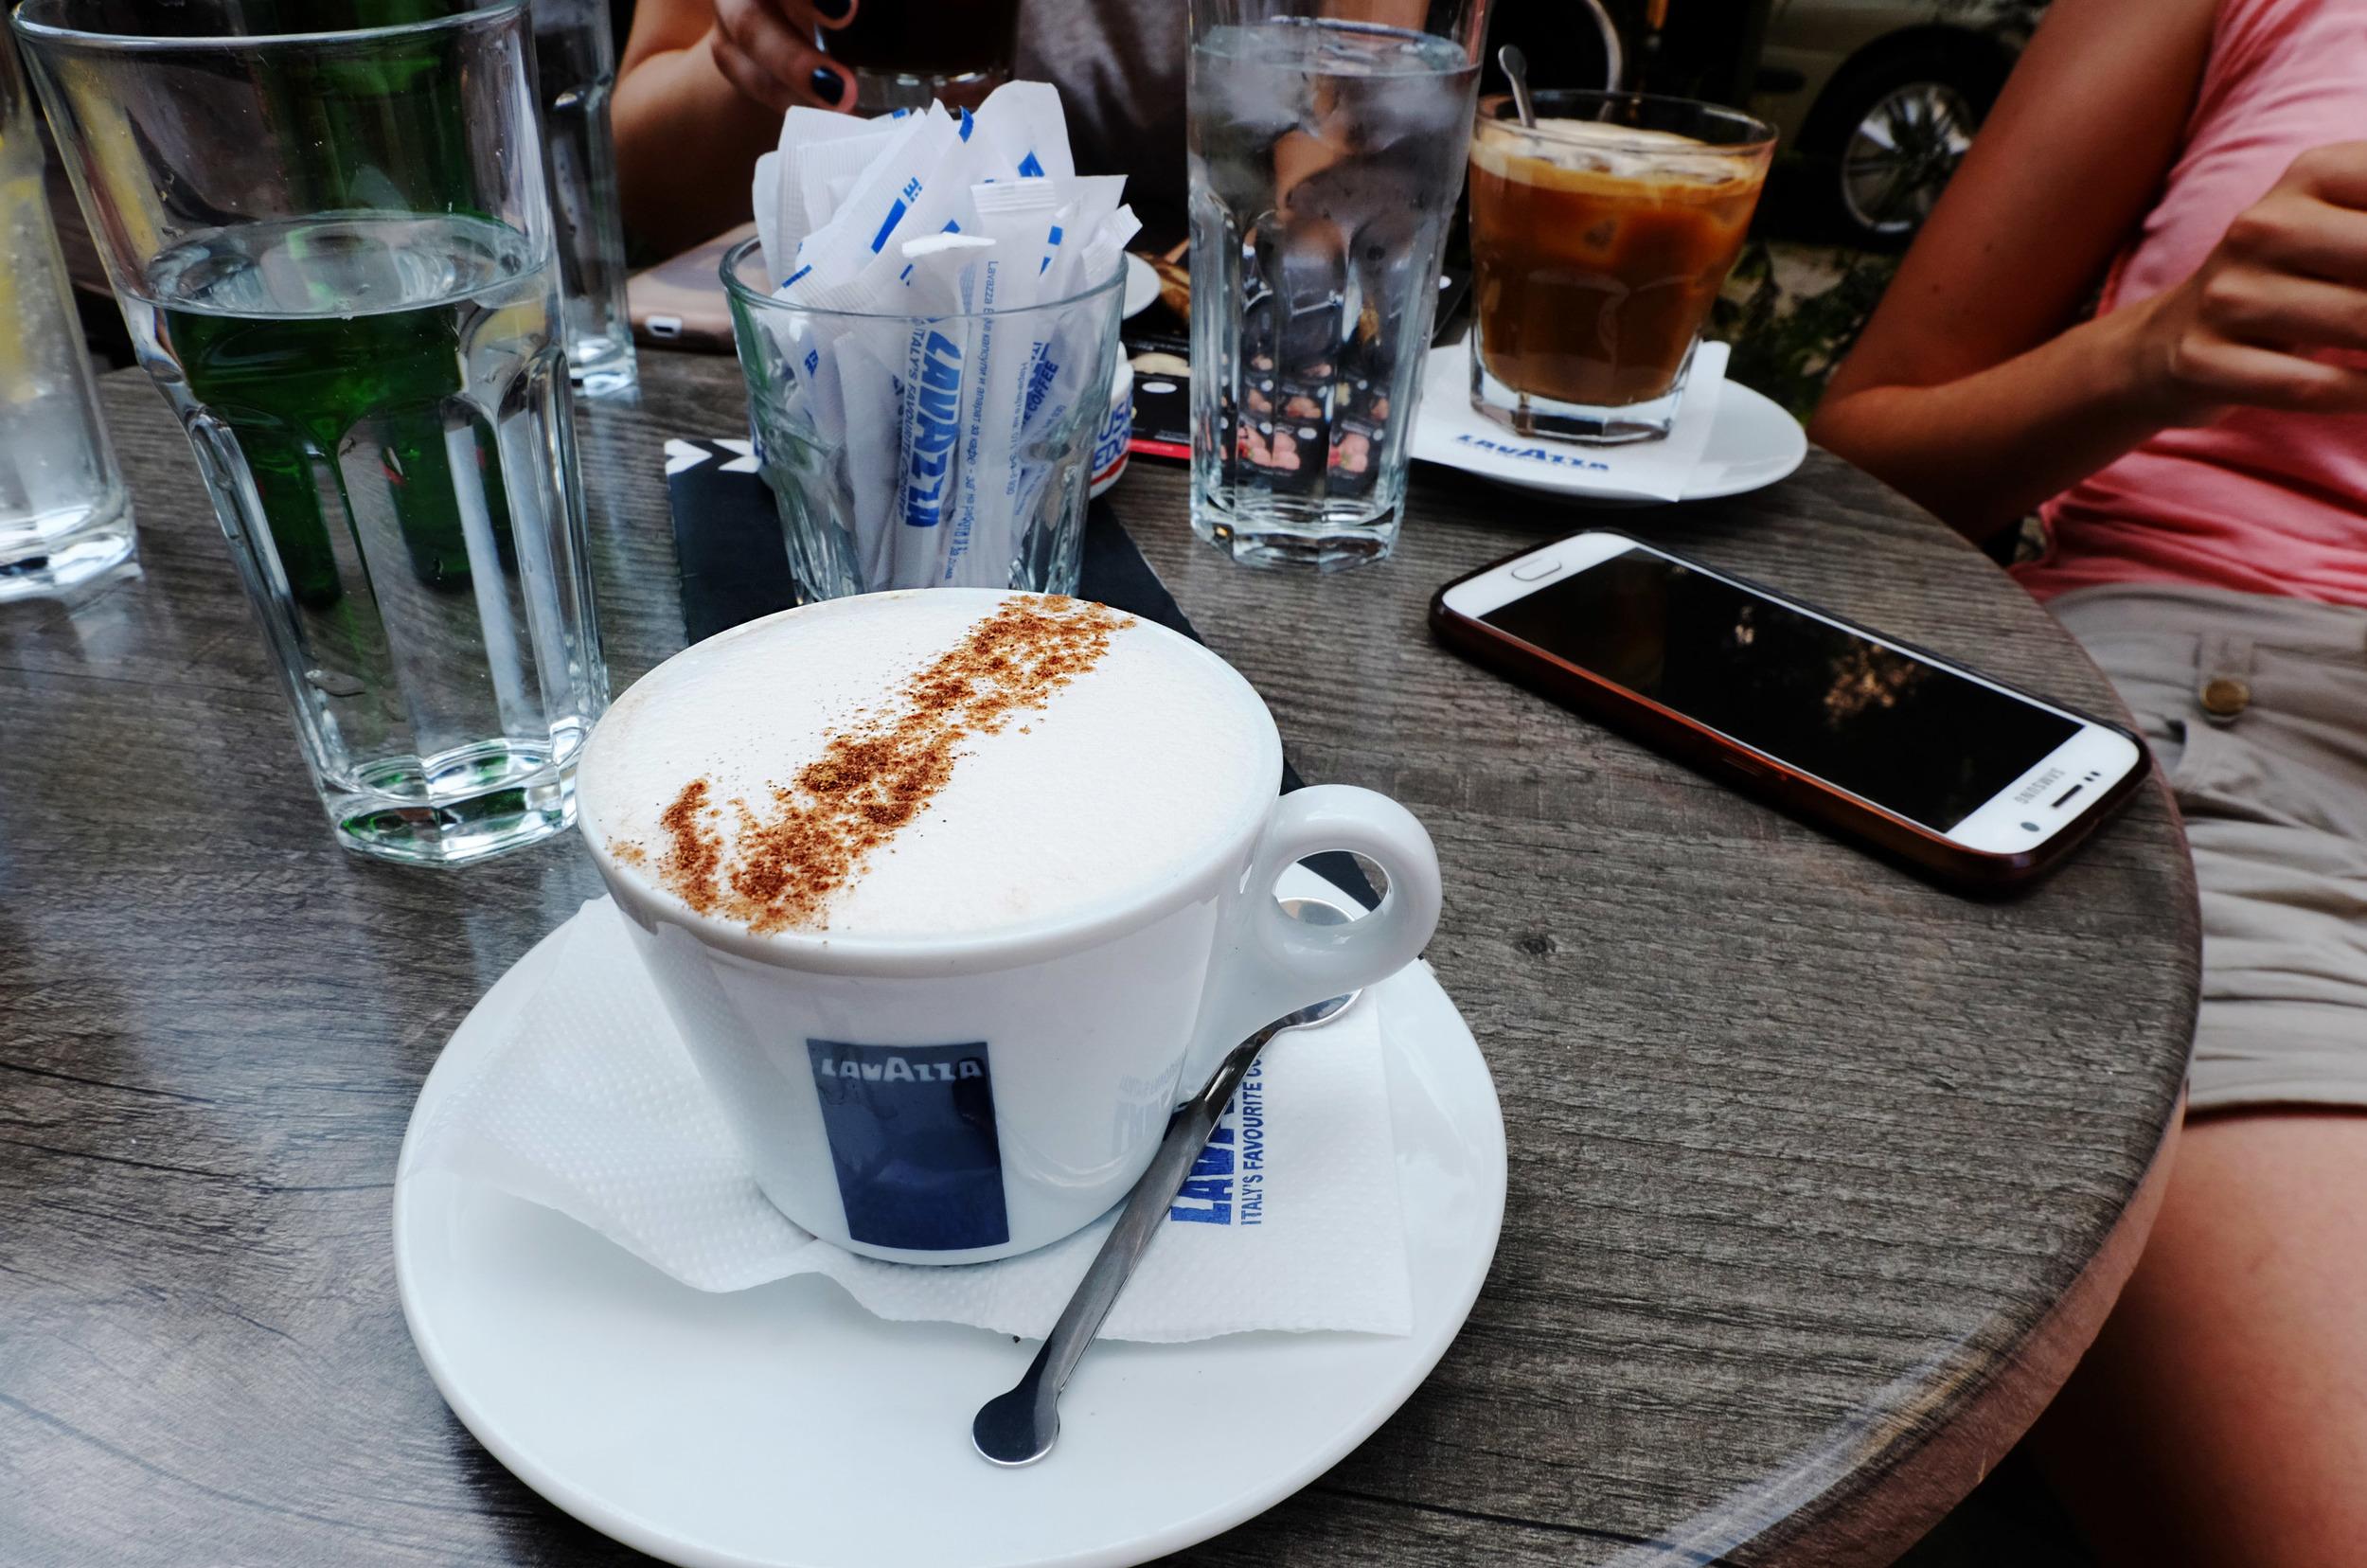 Cappuccino at  Kino karpush